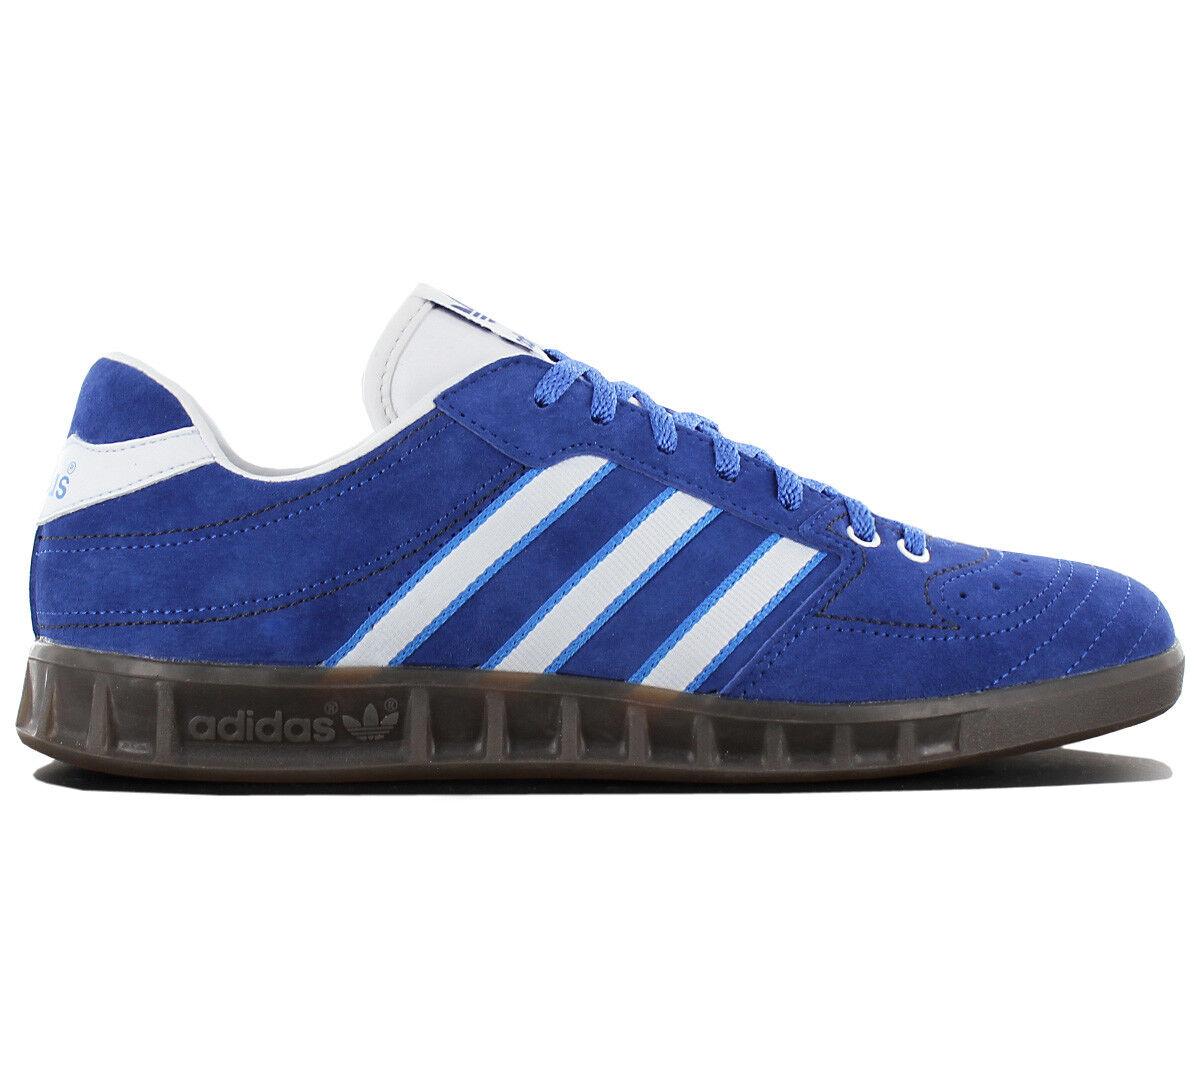 Adidas Originals Handball Kreft Kreft Kreft SPZL Spezial Herren Turnschuhe Leder Schuhe DA8748   | Discount  | Sorgfältig ausgewählte Materialien  efbca9